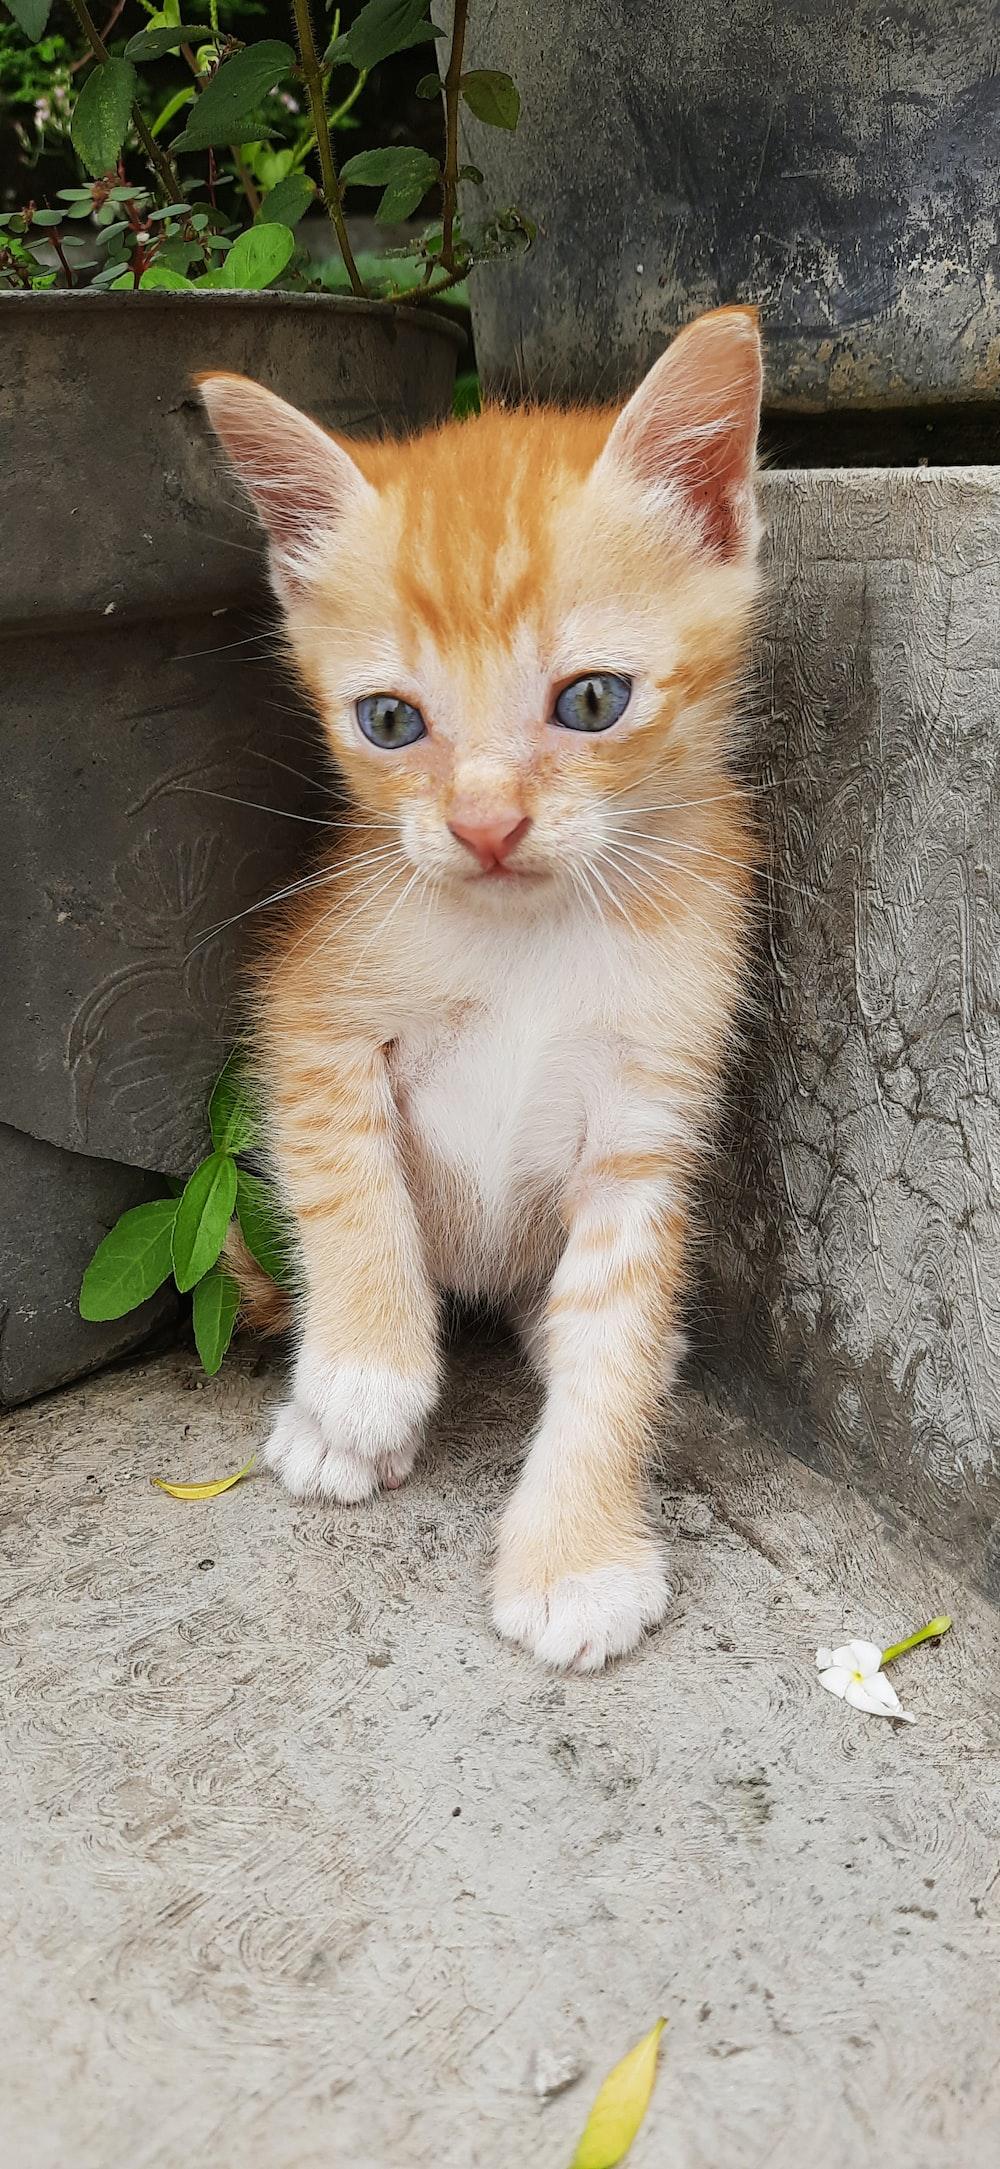 orange and white tabby kitten